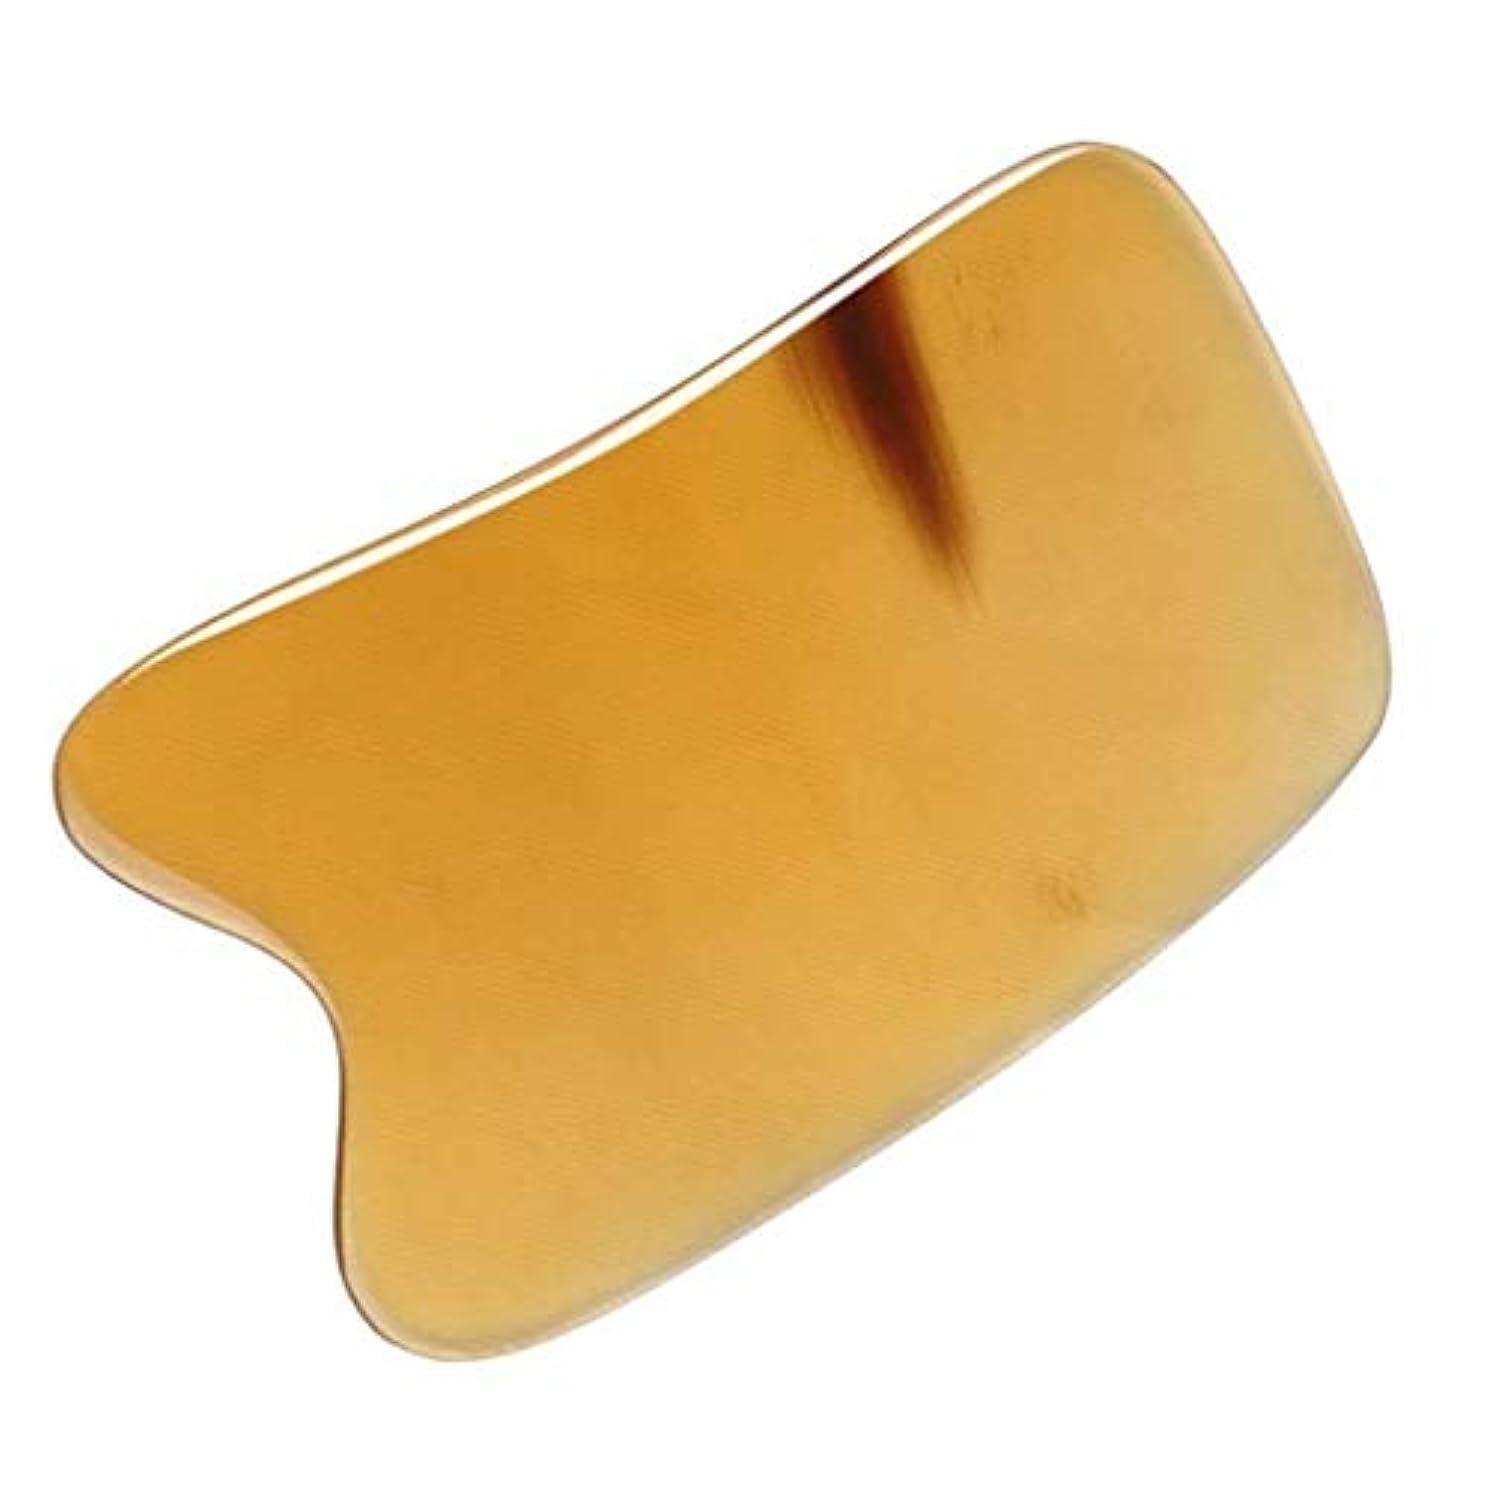 祝福脅かす教育するIASTMグラストン理学療法ツール-最高品質のハンドメイドバッファローホーングアシャボード-首と筋肉の痛みを軽減 (Size : 5mm)